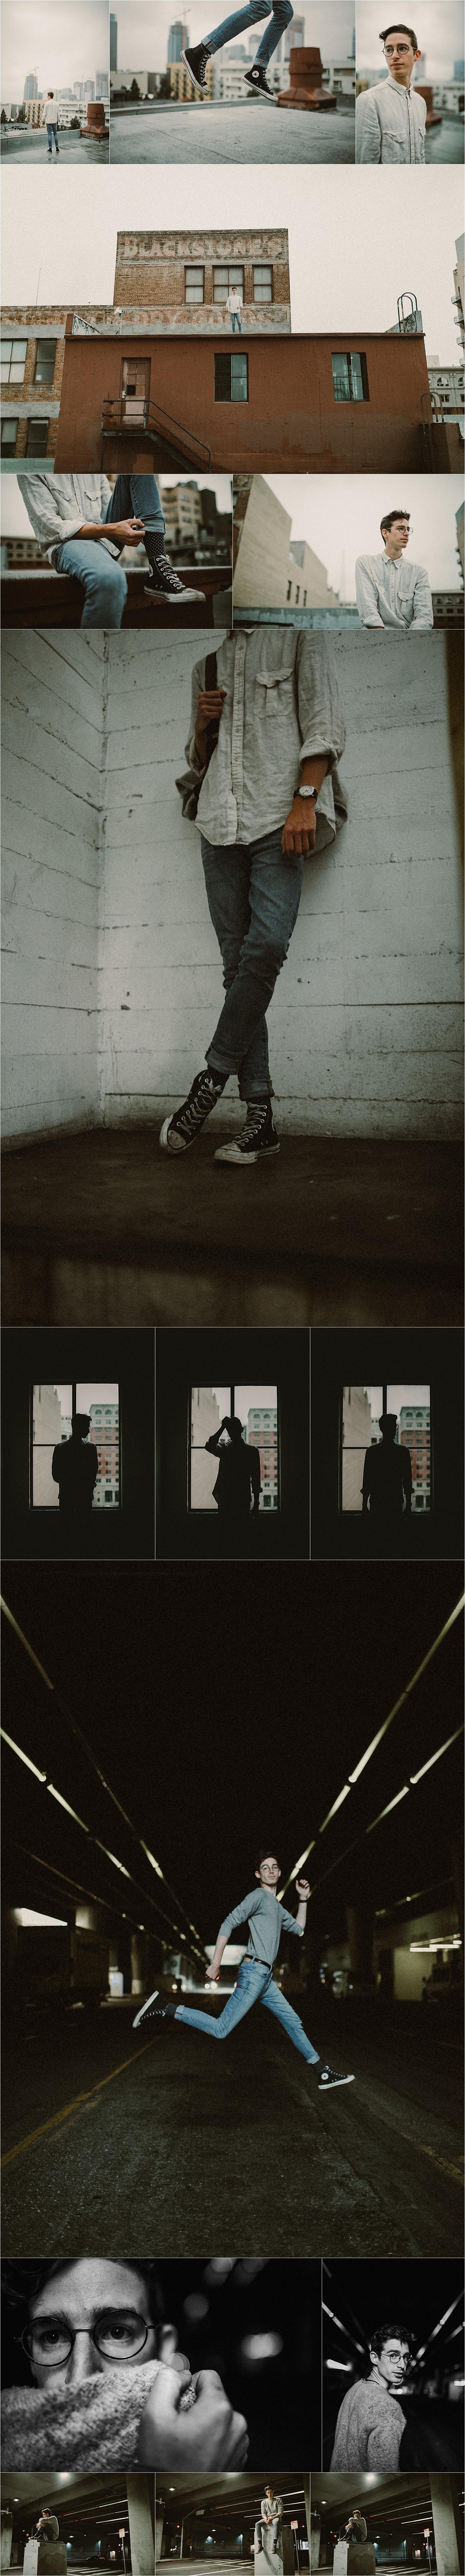 03.10.18 - Gallery.jpg